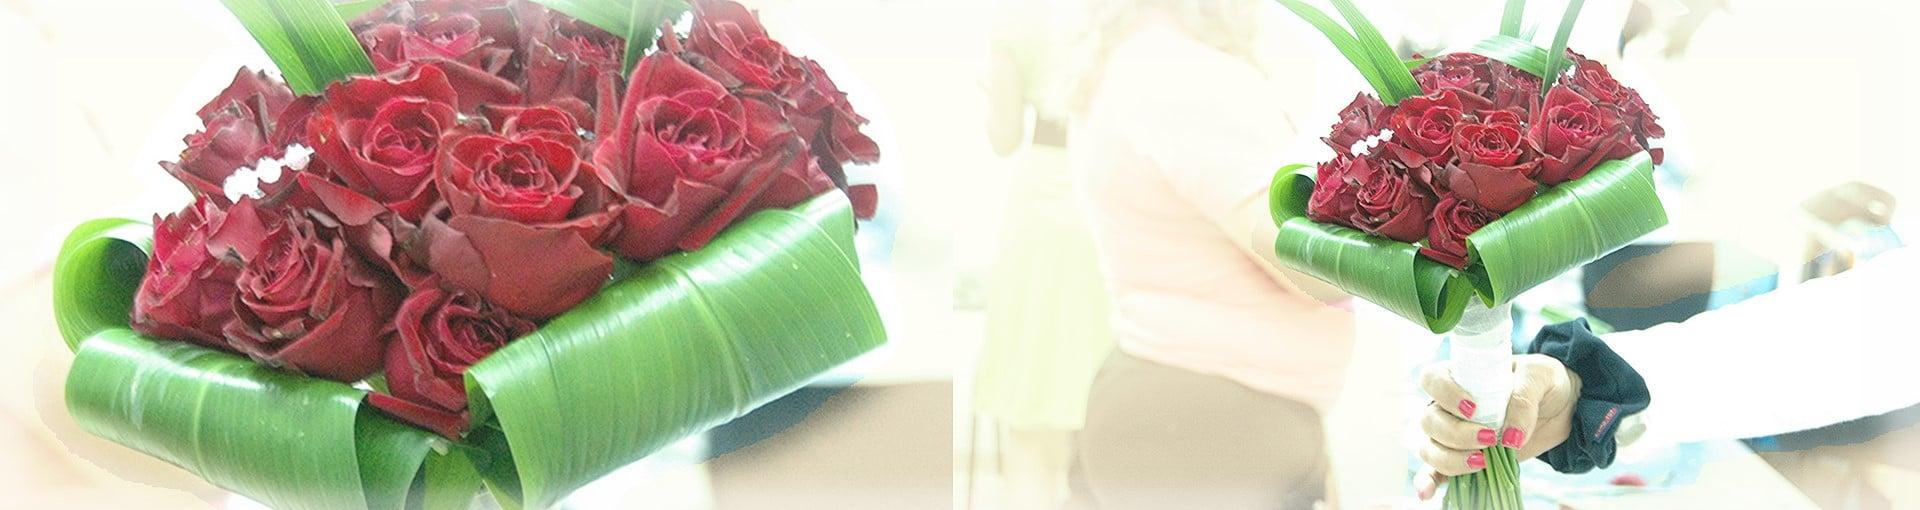 שזירת פרחים - מכללת ורצברגר